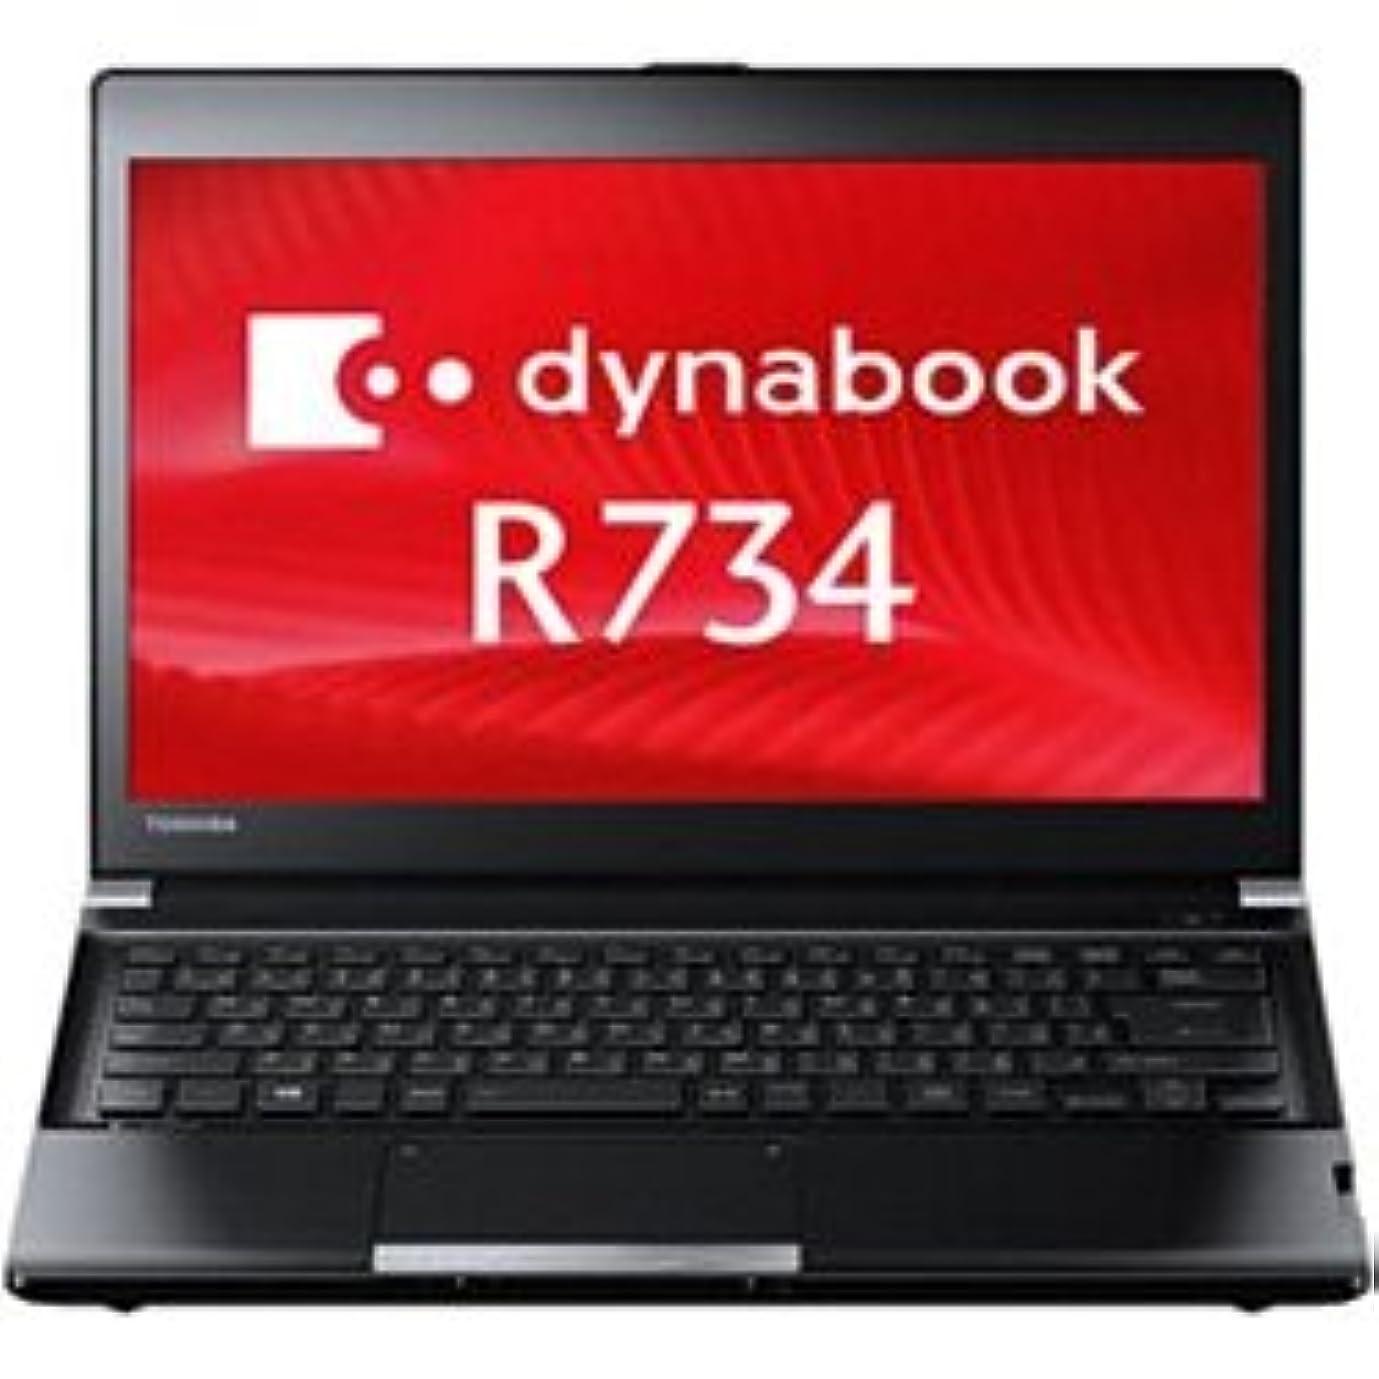 フェードアウトアーサーインフラ中古ノートパソコン 東芝 dynabook R734/K PR734KAA187AE73 Core i5 4300M 2.60GHz 4GB 320GB DVDSマルチ